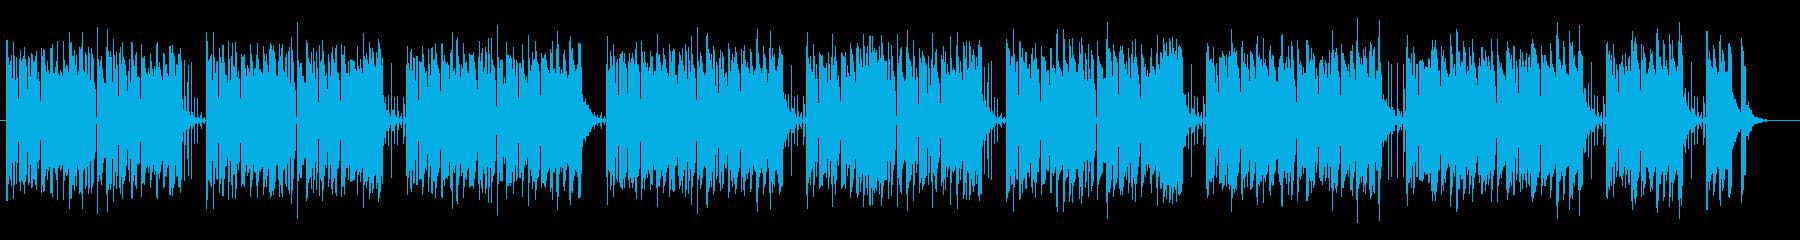 軽やかに弾む可愛らしいミュージックの再生済みの波形